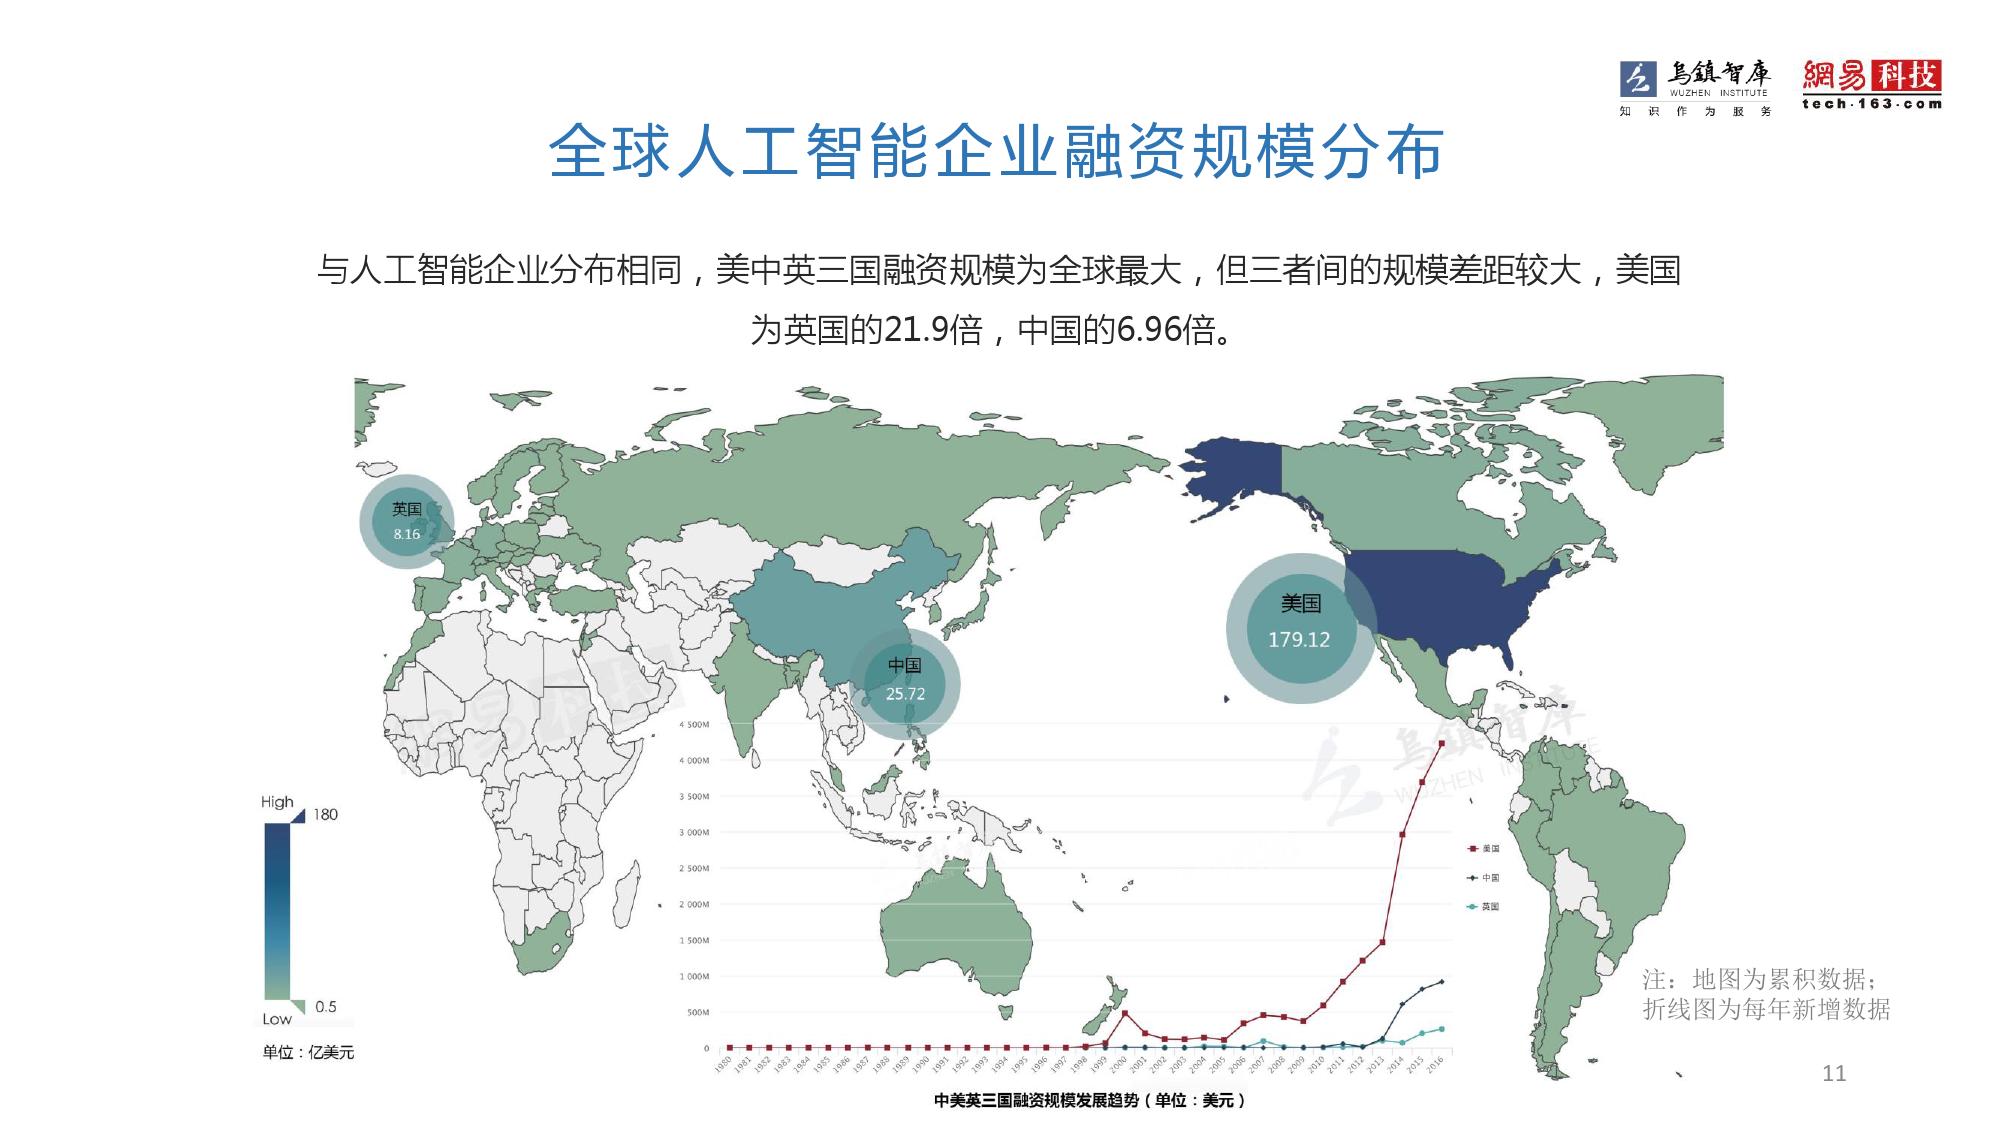 2016年全球人工智能发展报告_000011